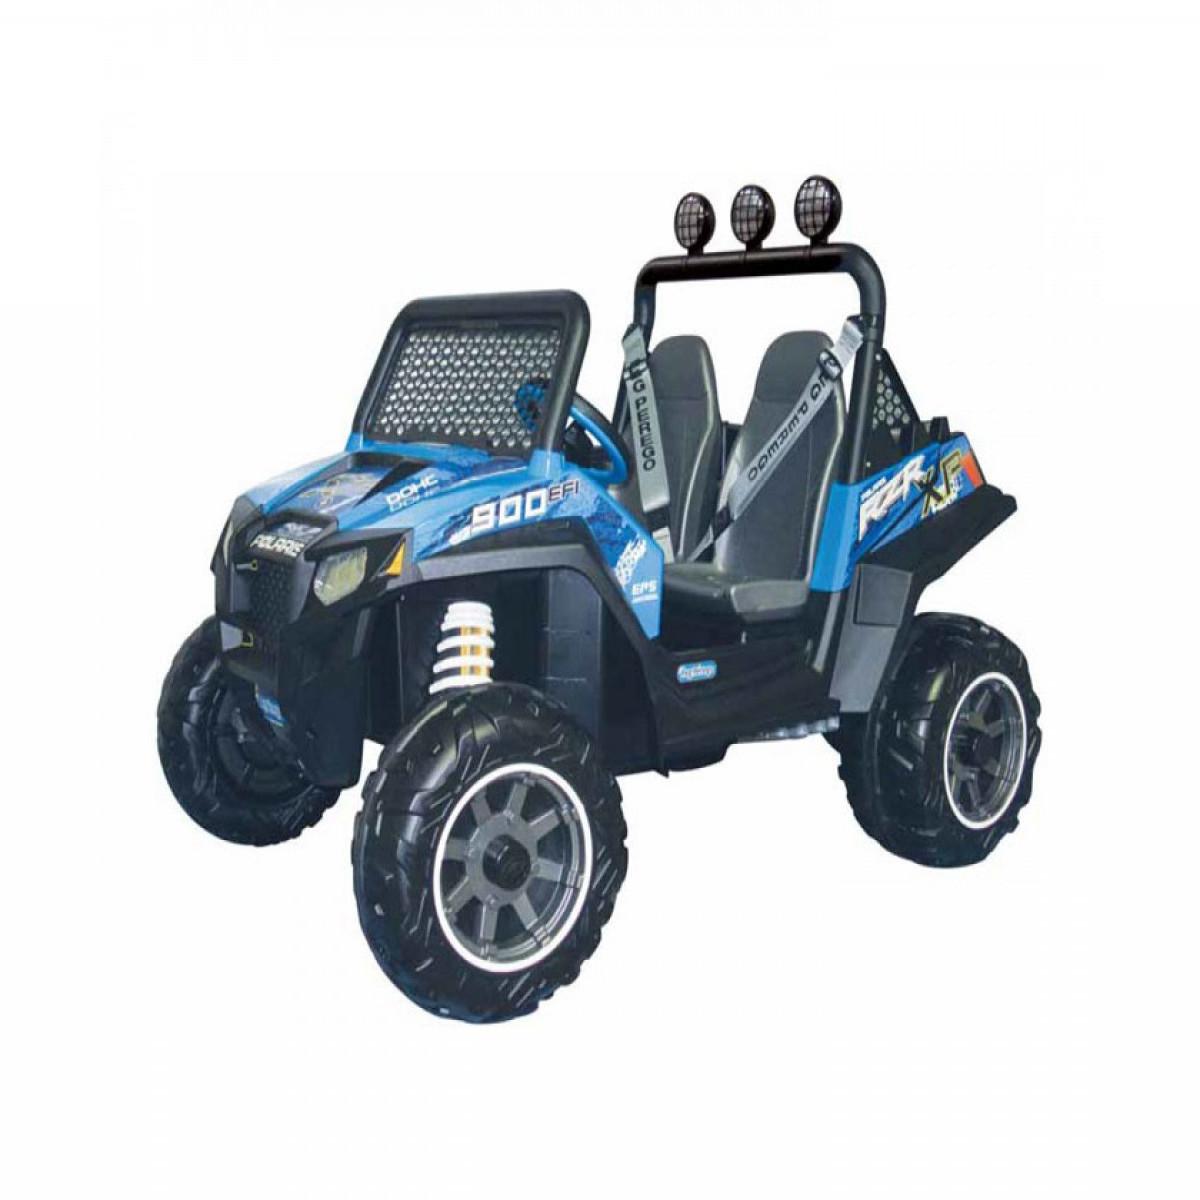 Polaris Ranger RZR 900 Peg Perego azul